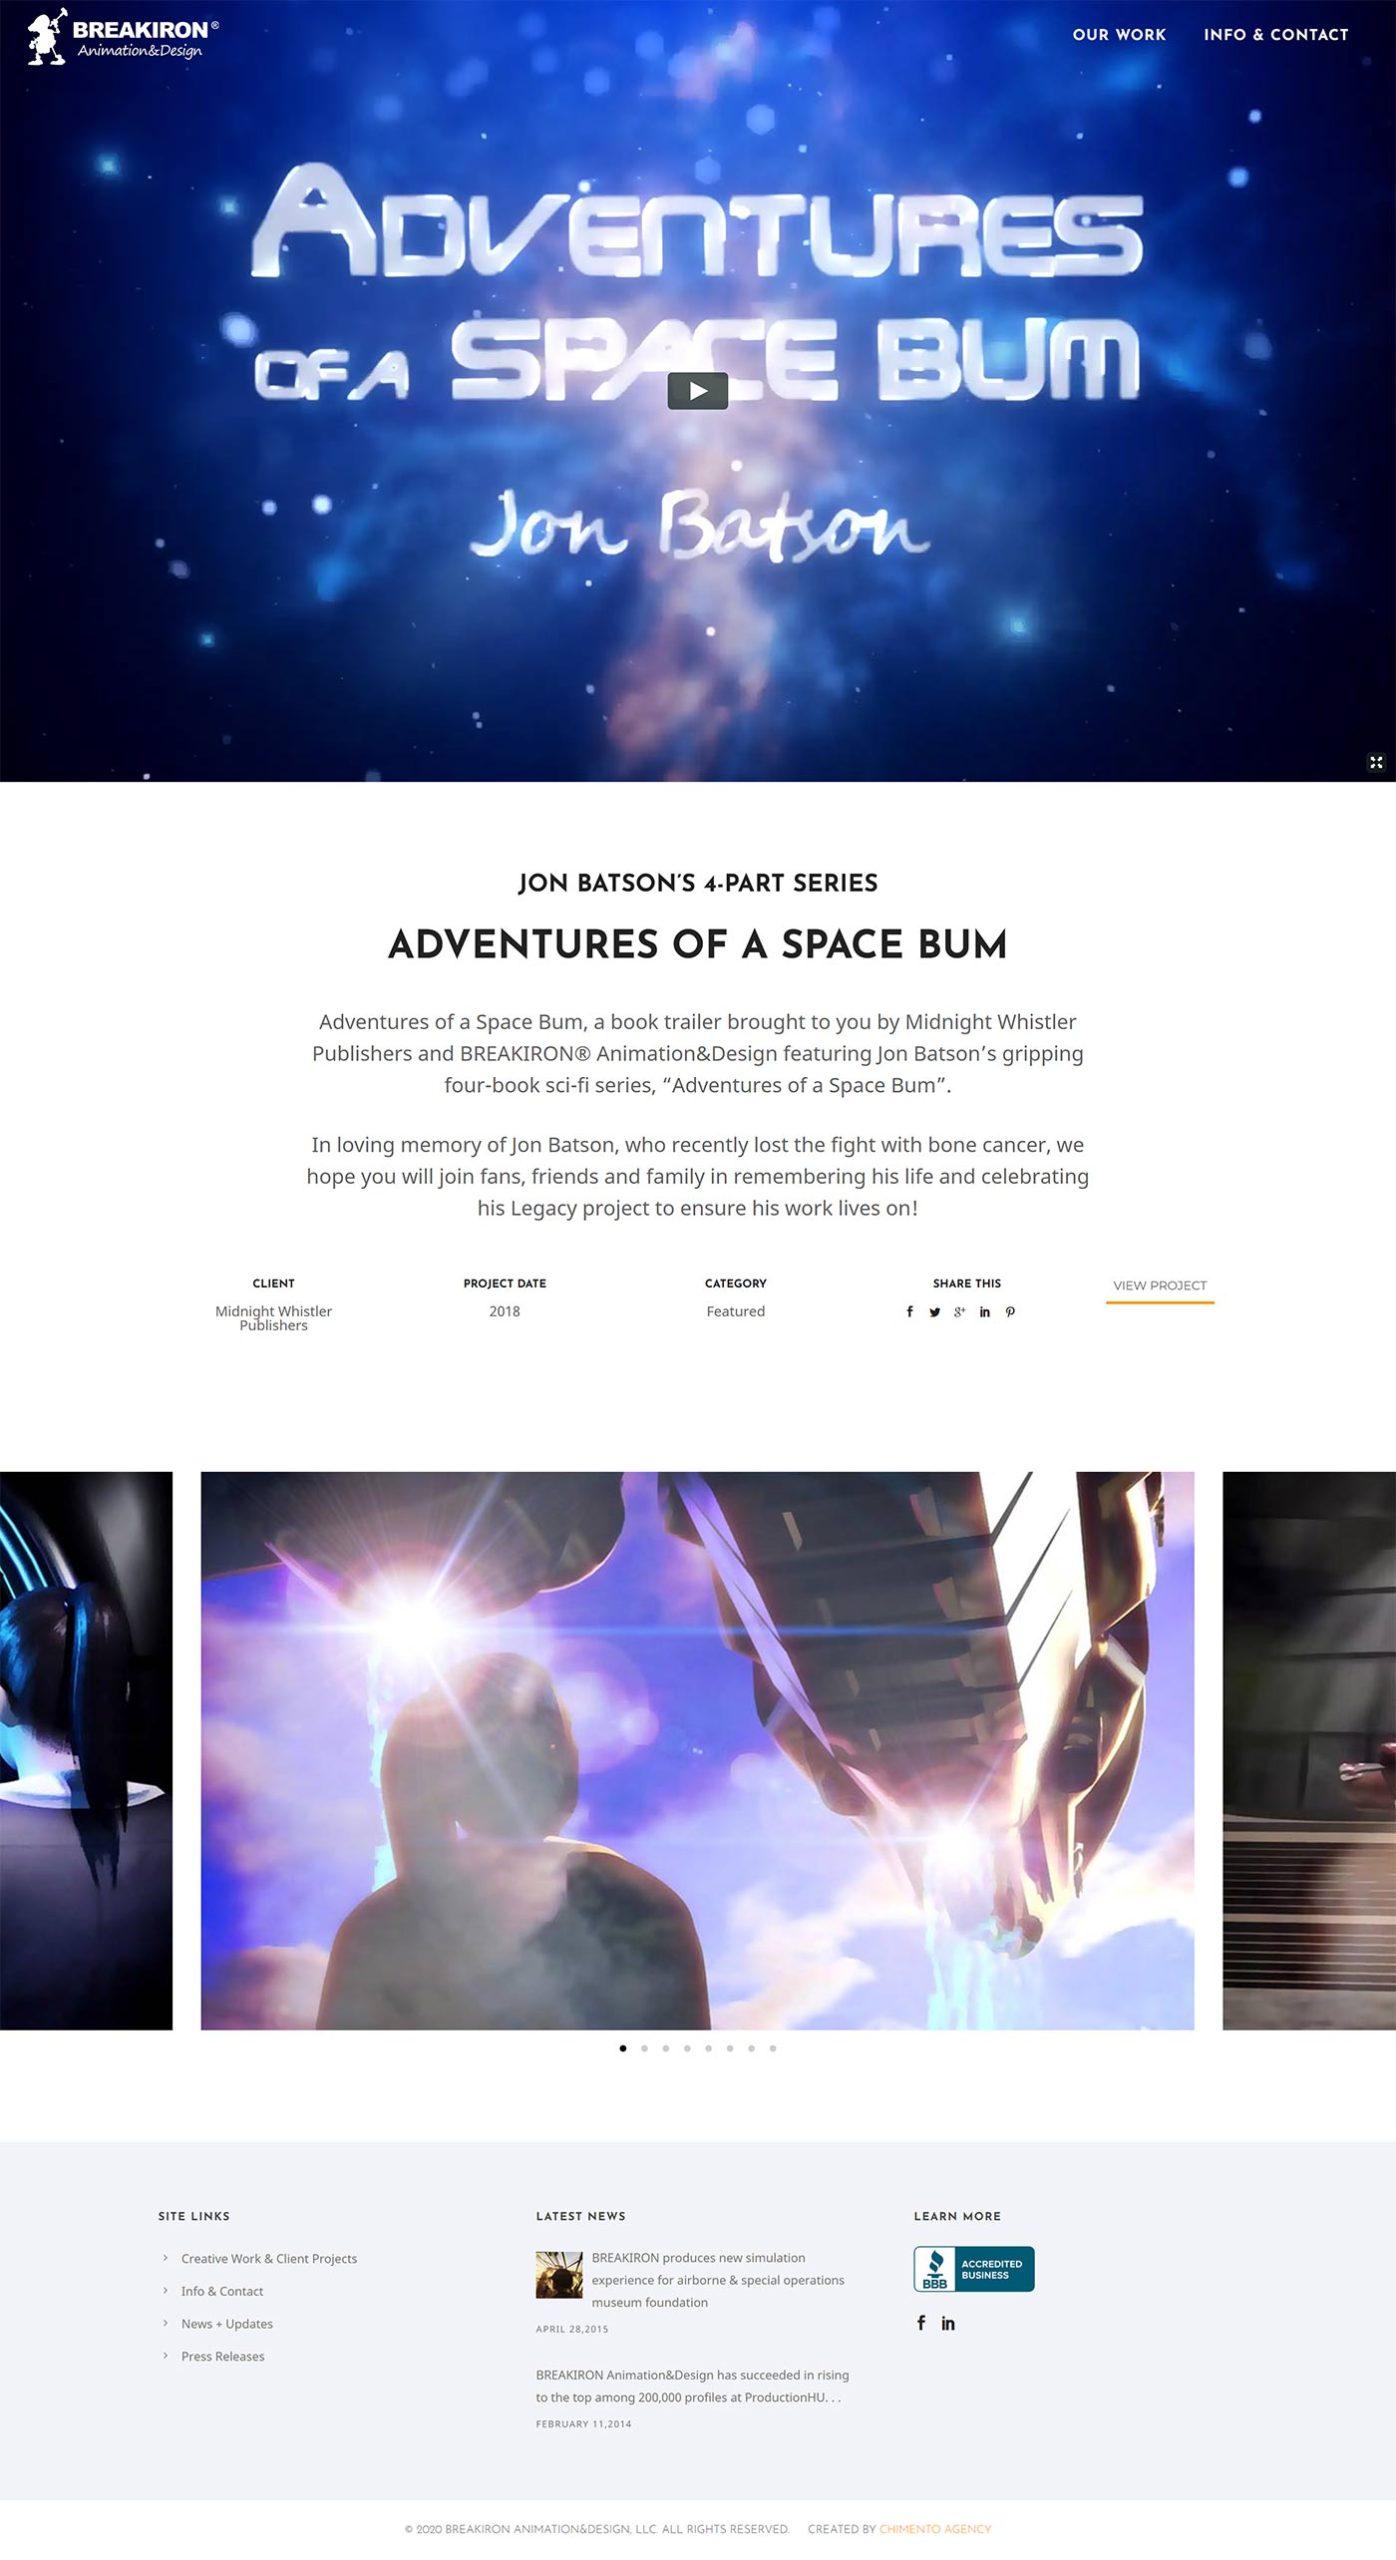 BREAKIRON portolio page design